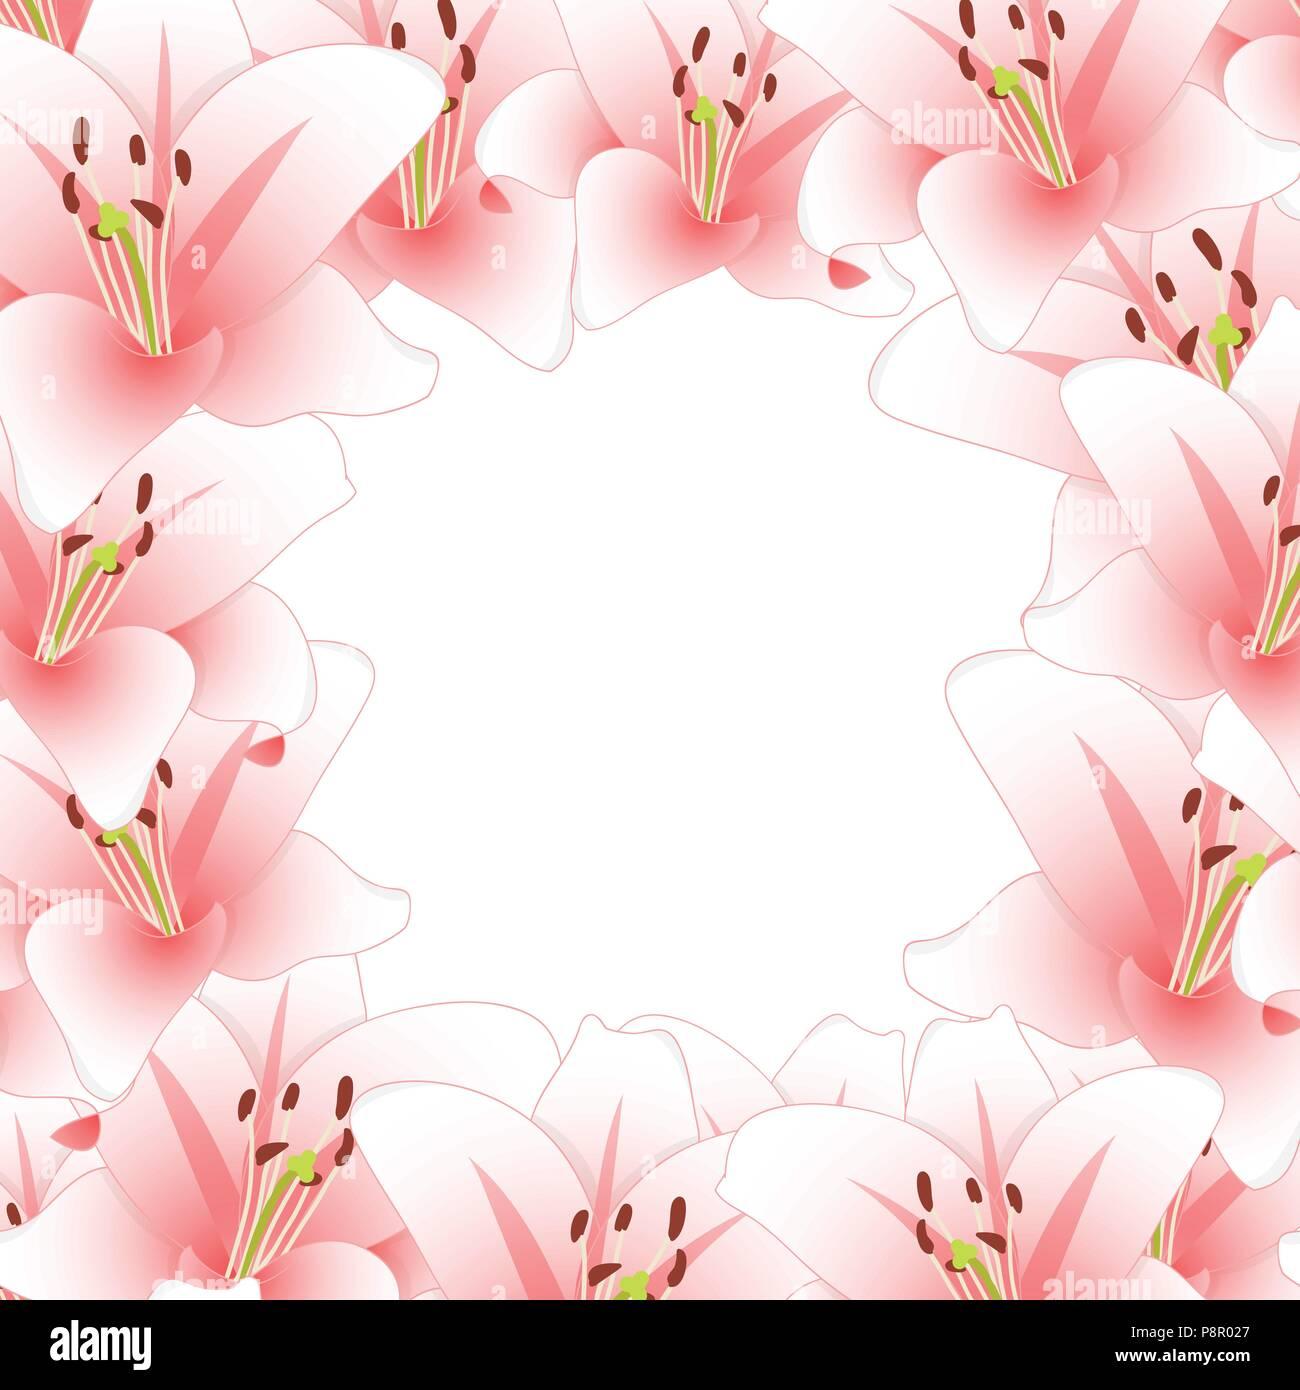 Giglio Colore Rosa Flower Border Isolati Su Sfondo Bianco